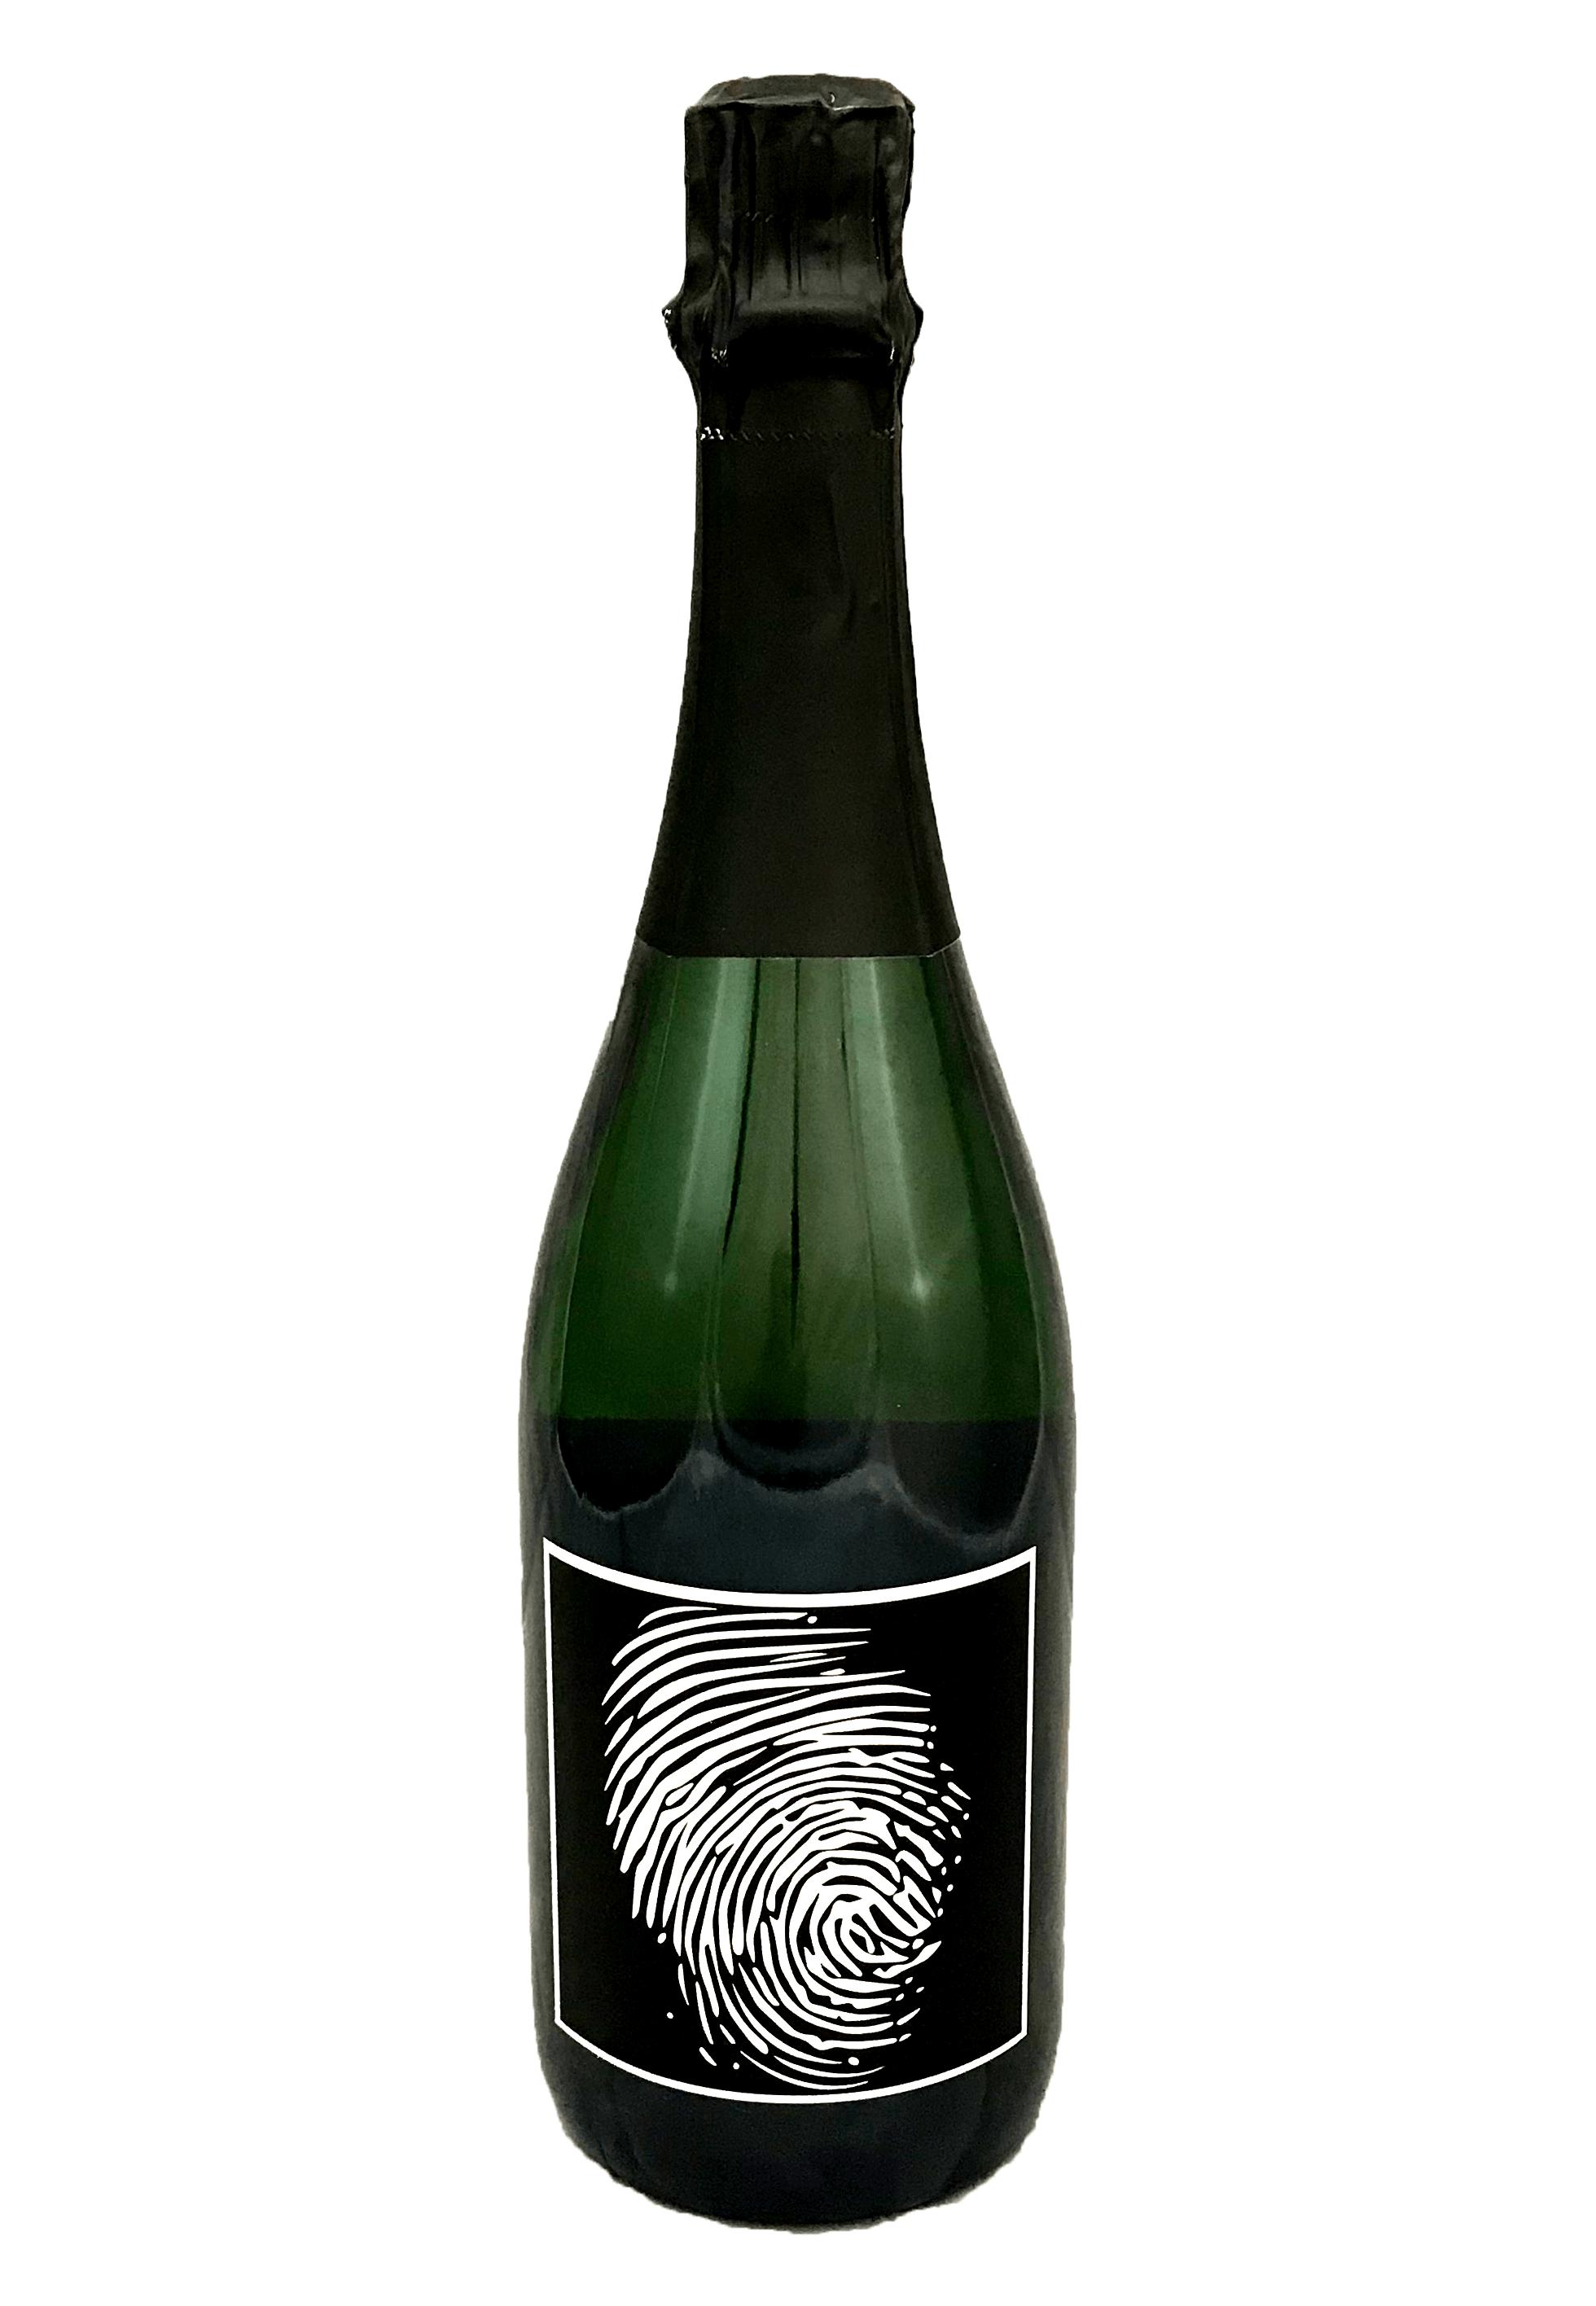 2015 Brut Sparkling Wine